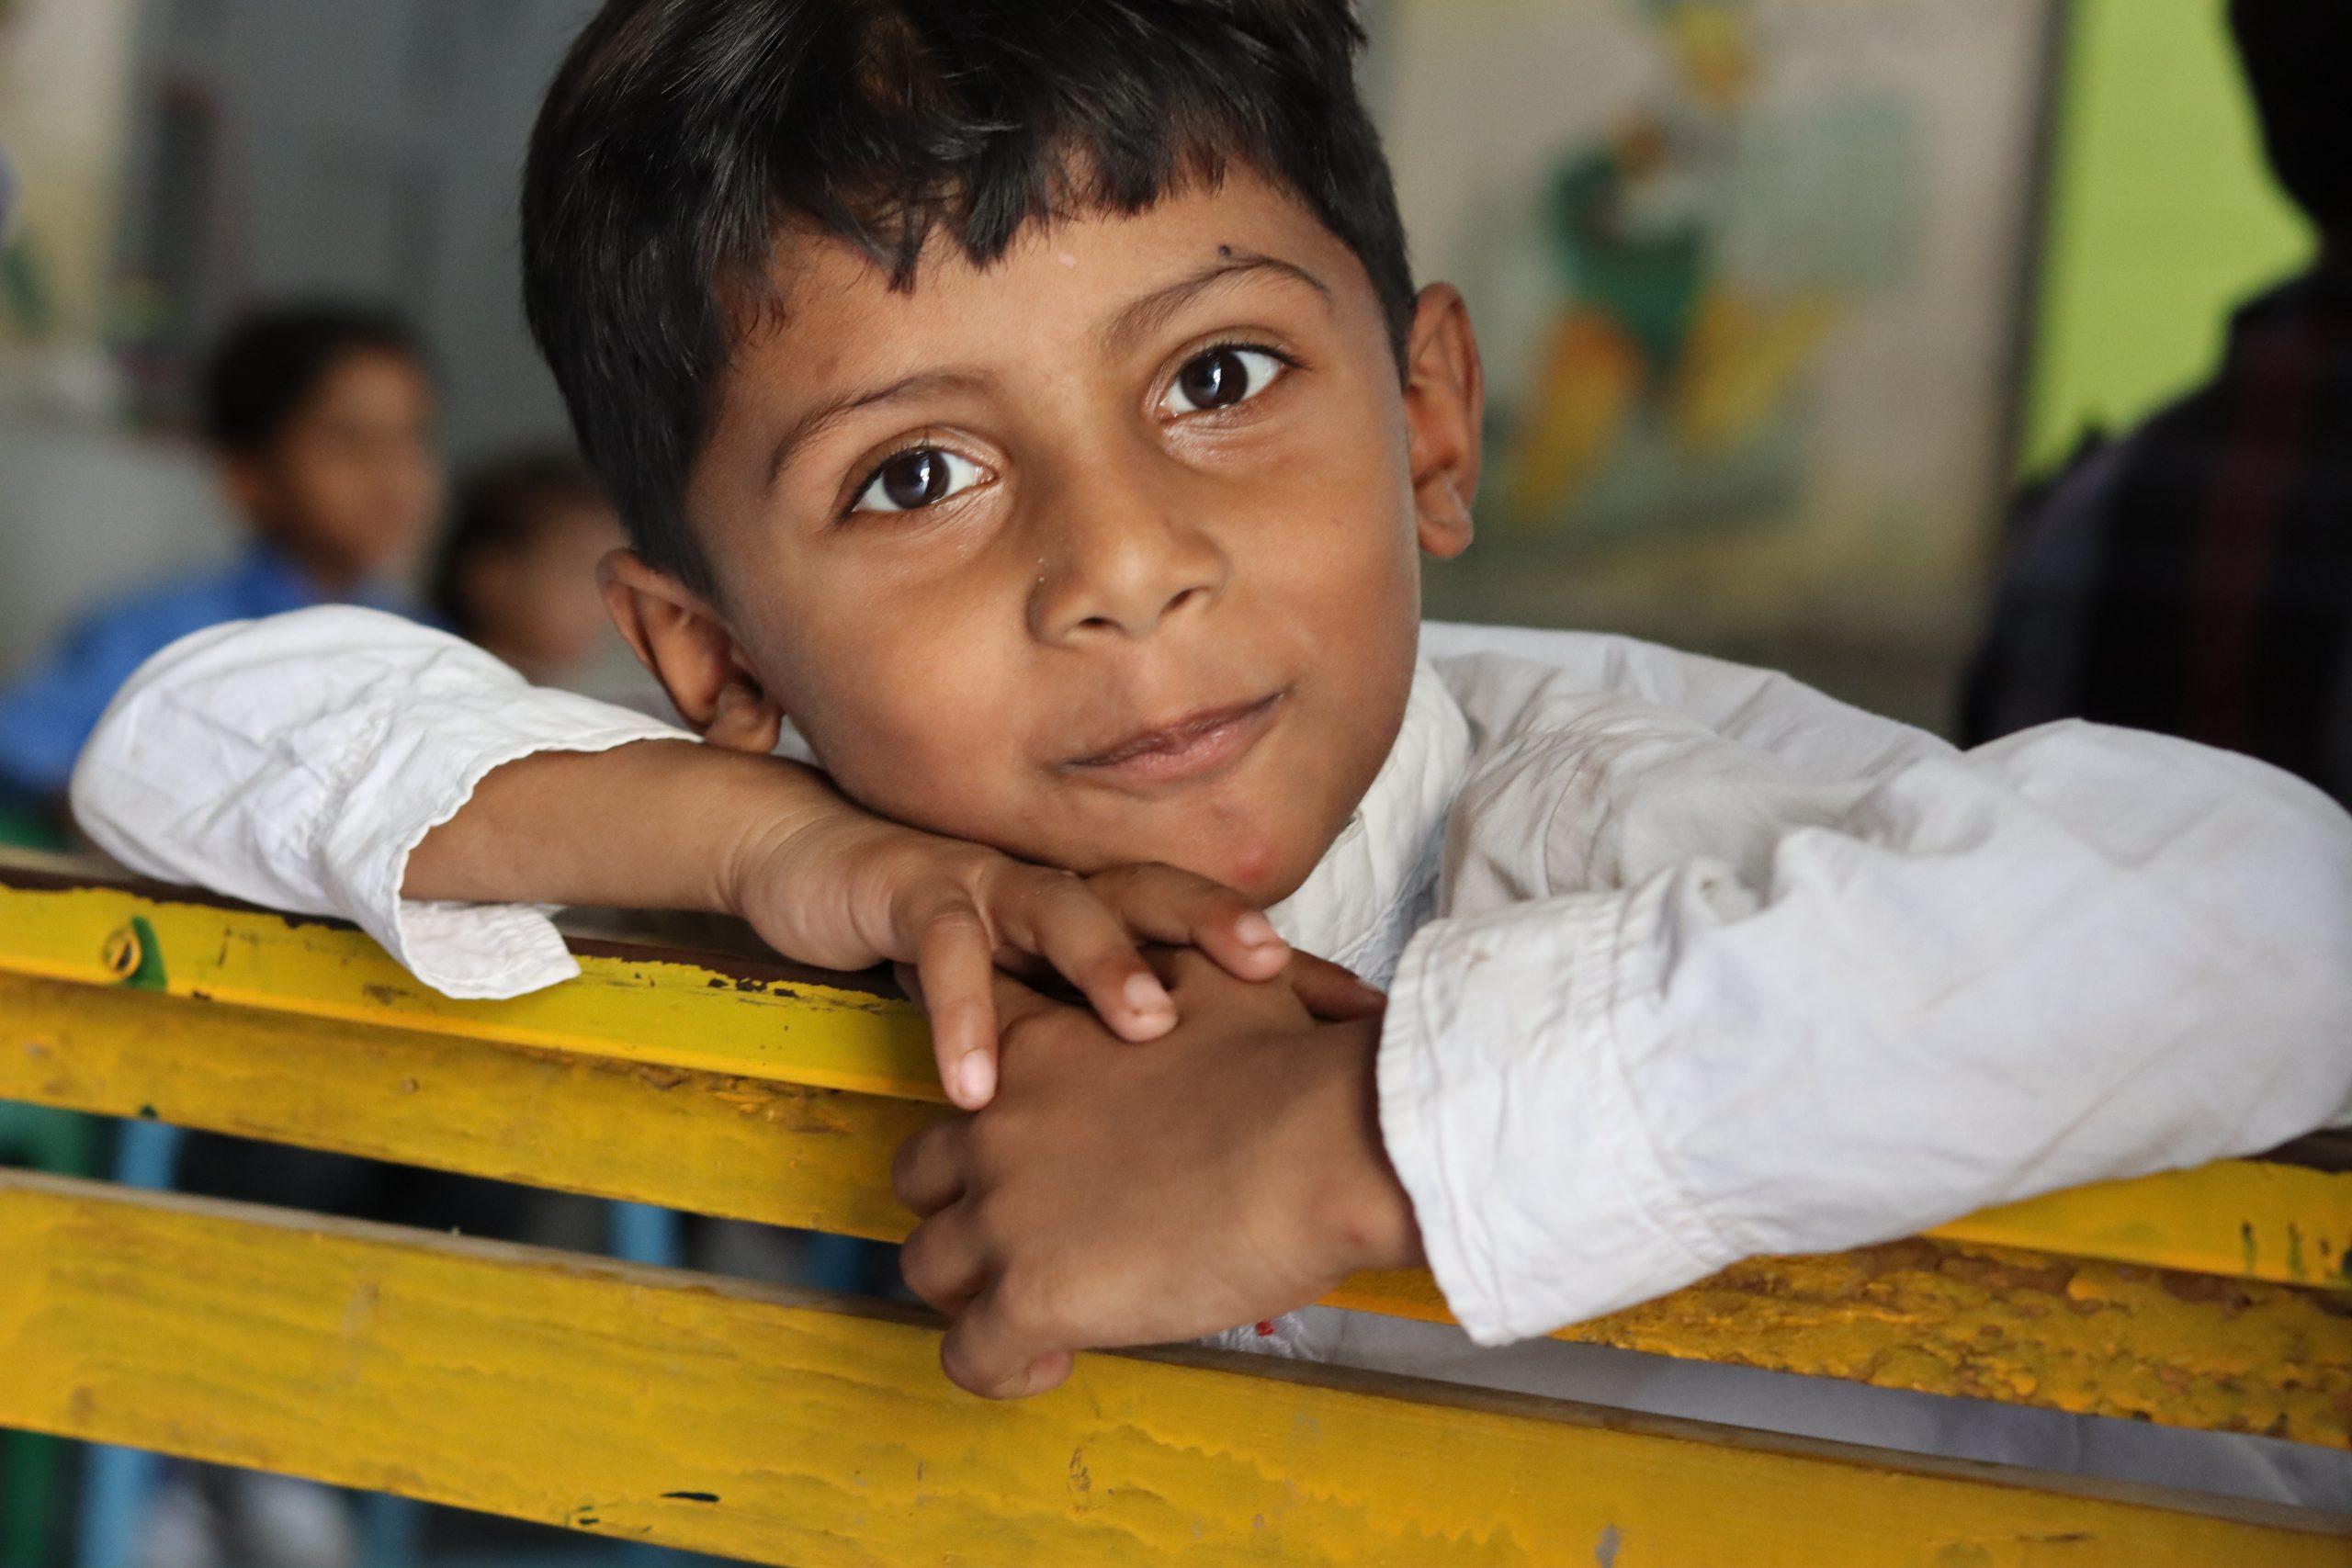 گورنمنٹ  ایم سی پرائمری  سکول رحیم آباد (ملتان) میں جماعت  نرسری کے طالب علم کا ایک خوبصورت انداز